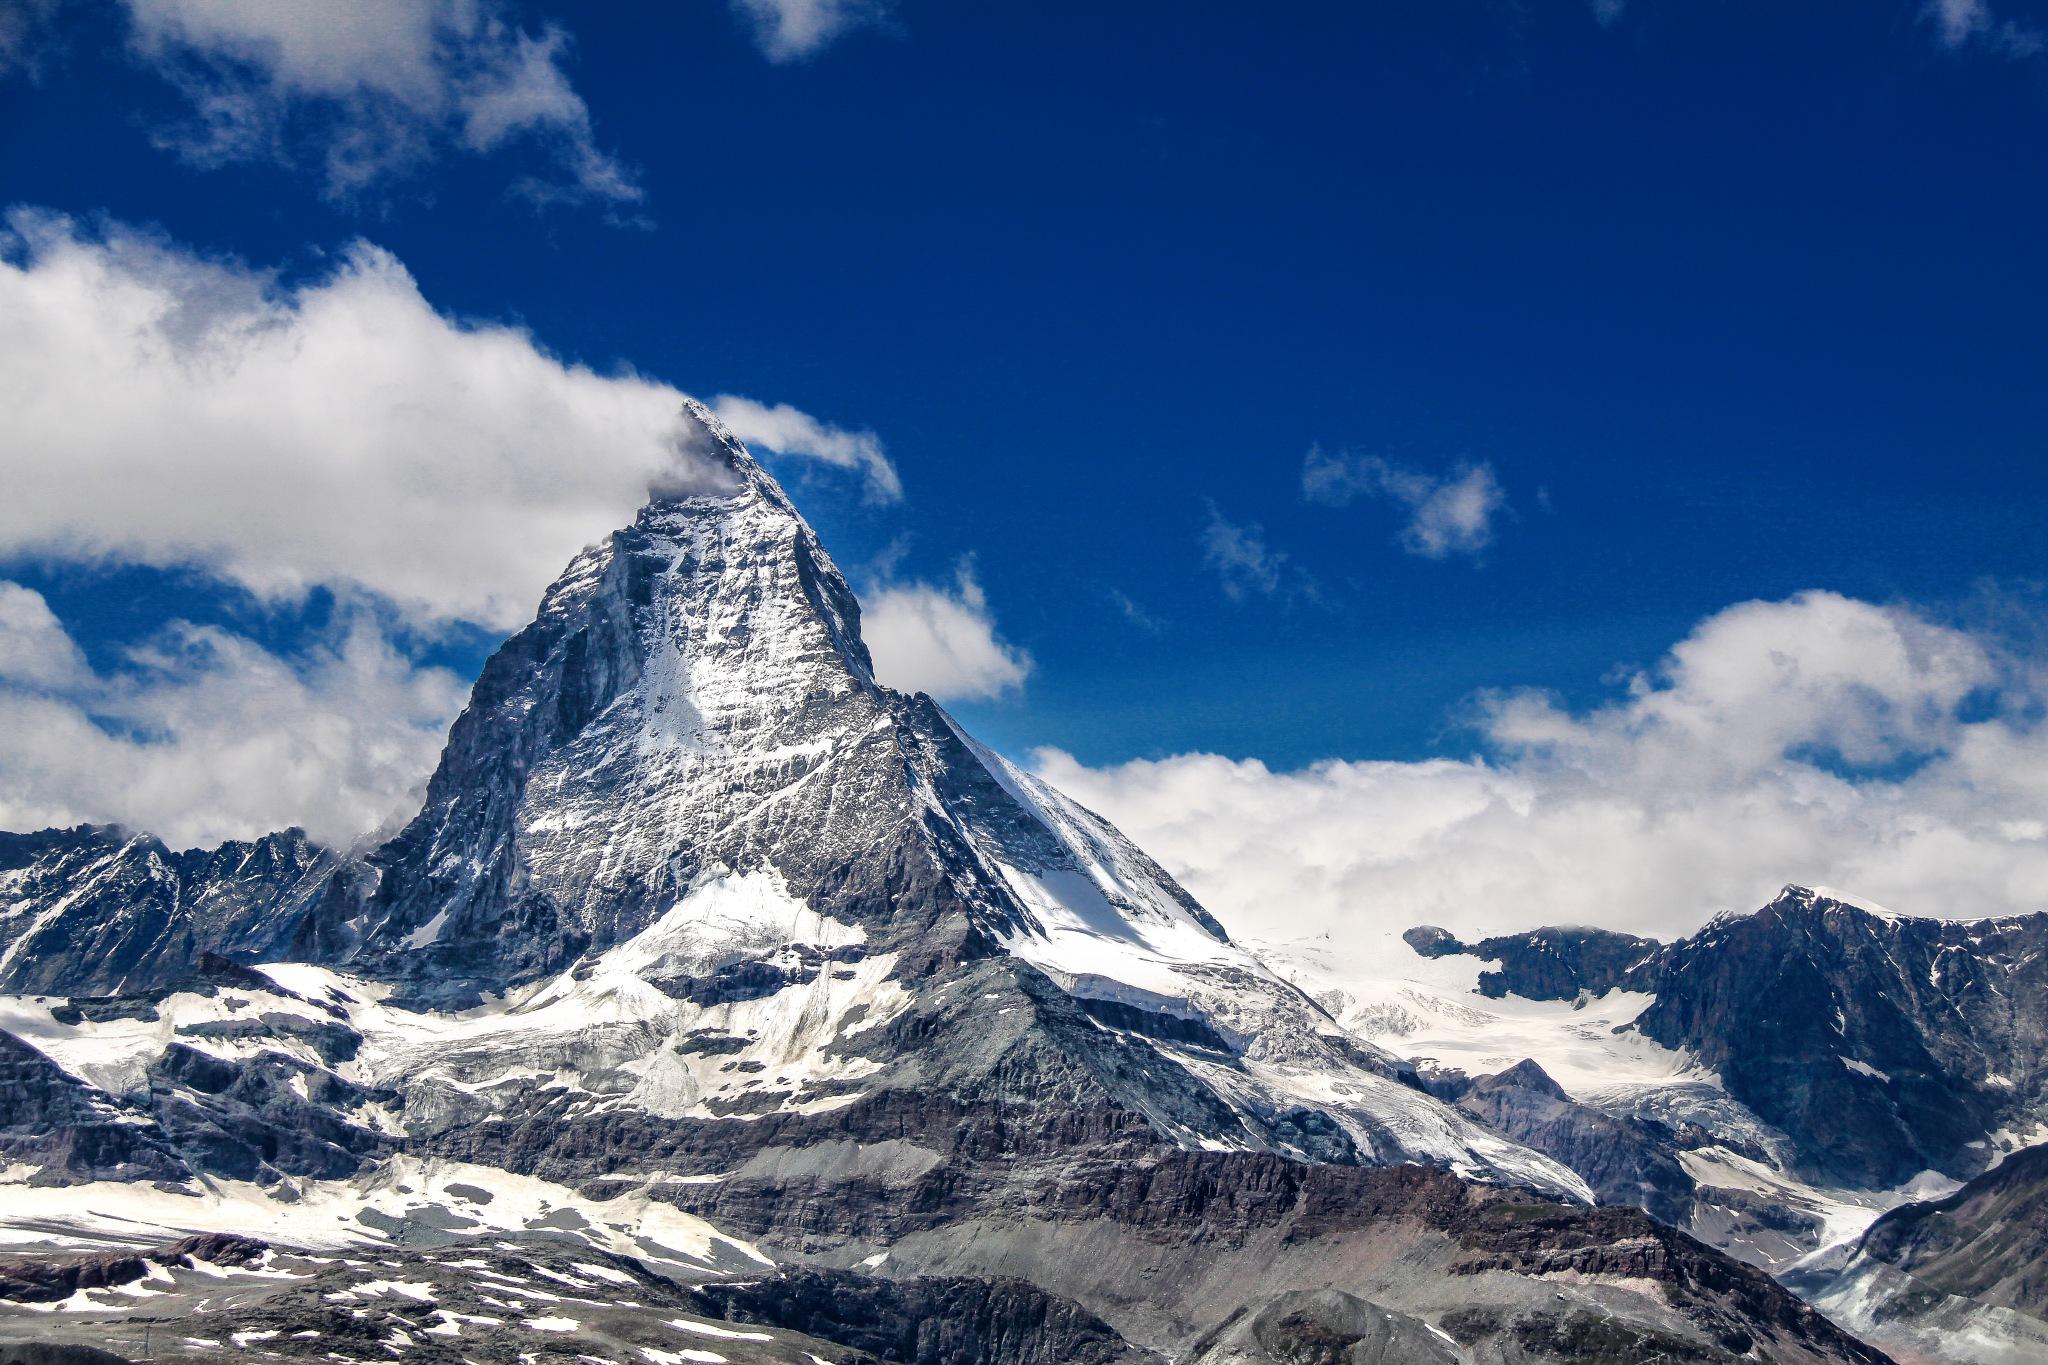 Matterhorn by Christoph Reiter